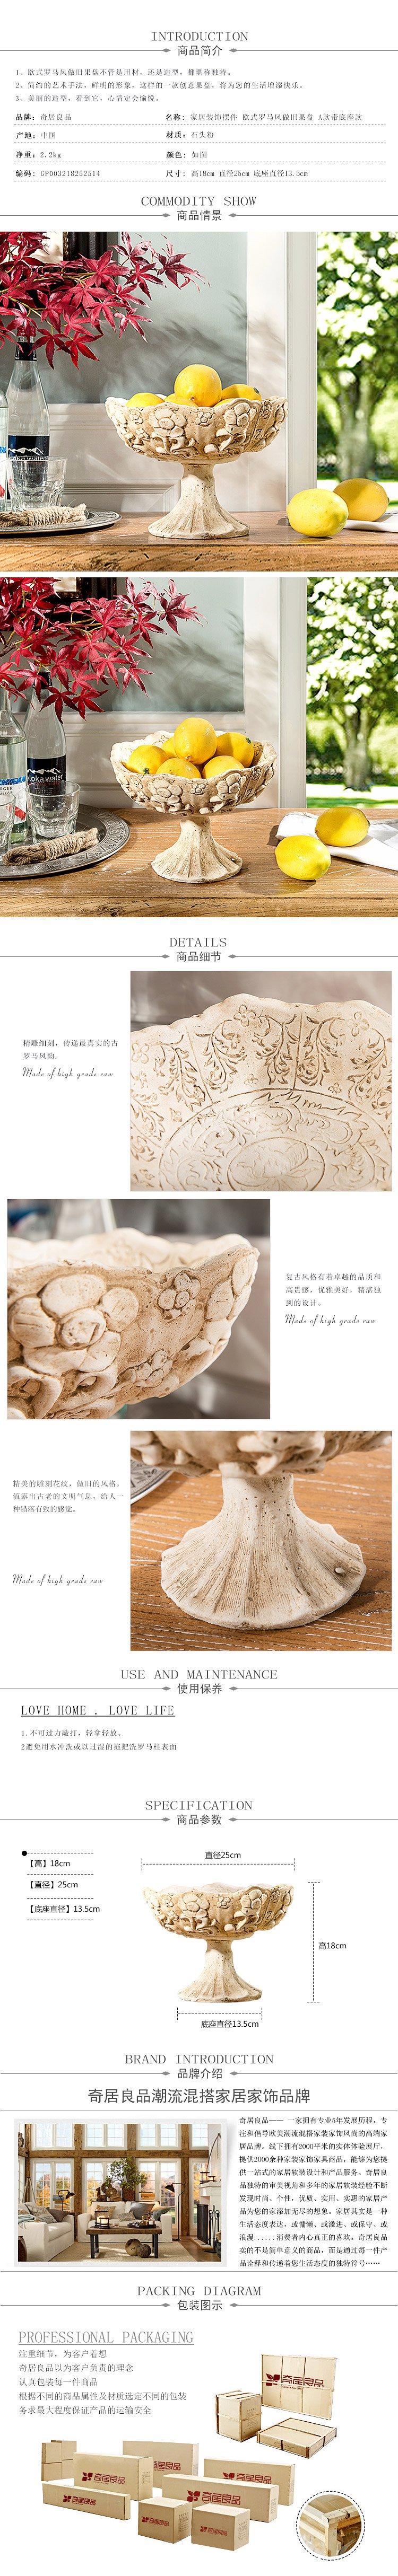 家居装饰摆件 欧式罗马风做旧果盘 a款带底座款